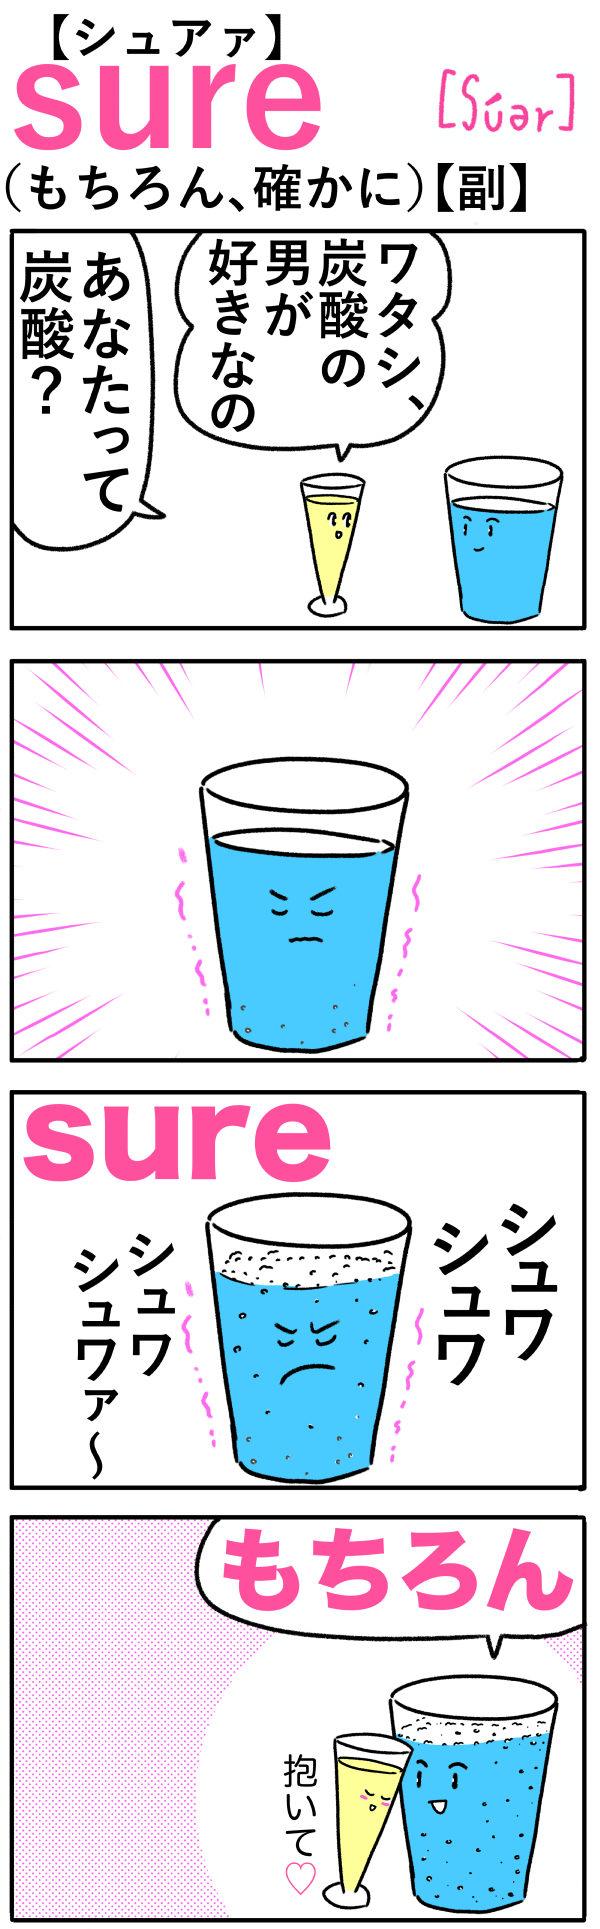 sure(もちろん)の語呂合わせ英単語